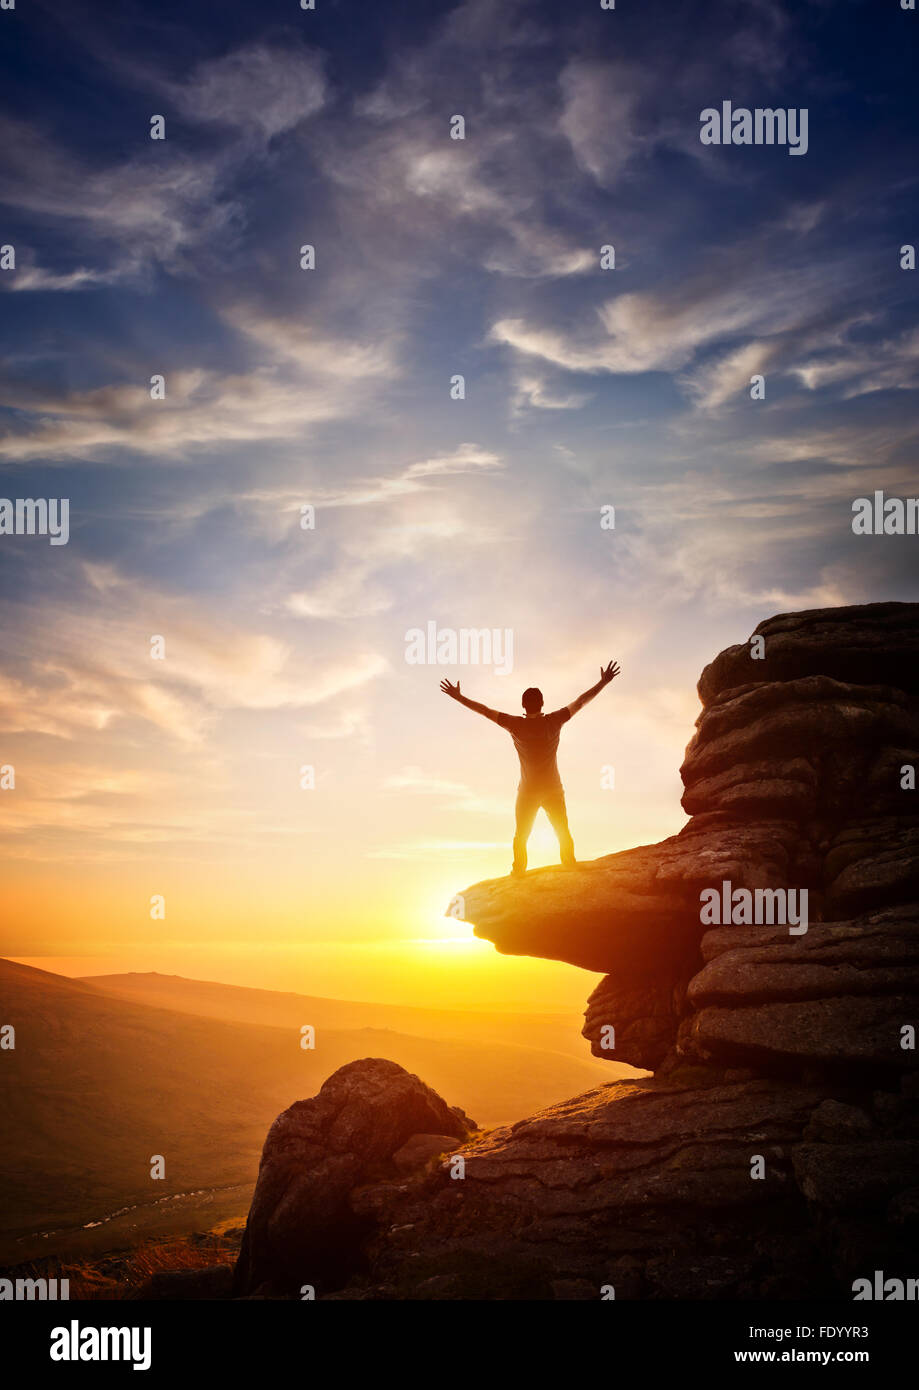 Une personne atteignant jusqu'à partir d'un point élevé, défini dans un coucher du soleil. Photo Stock